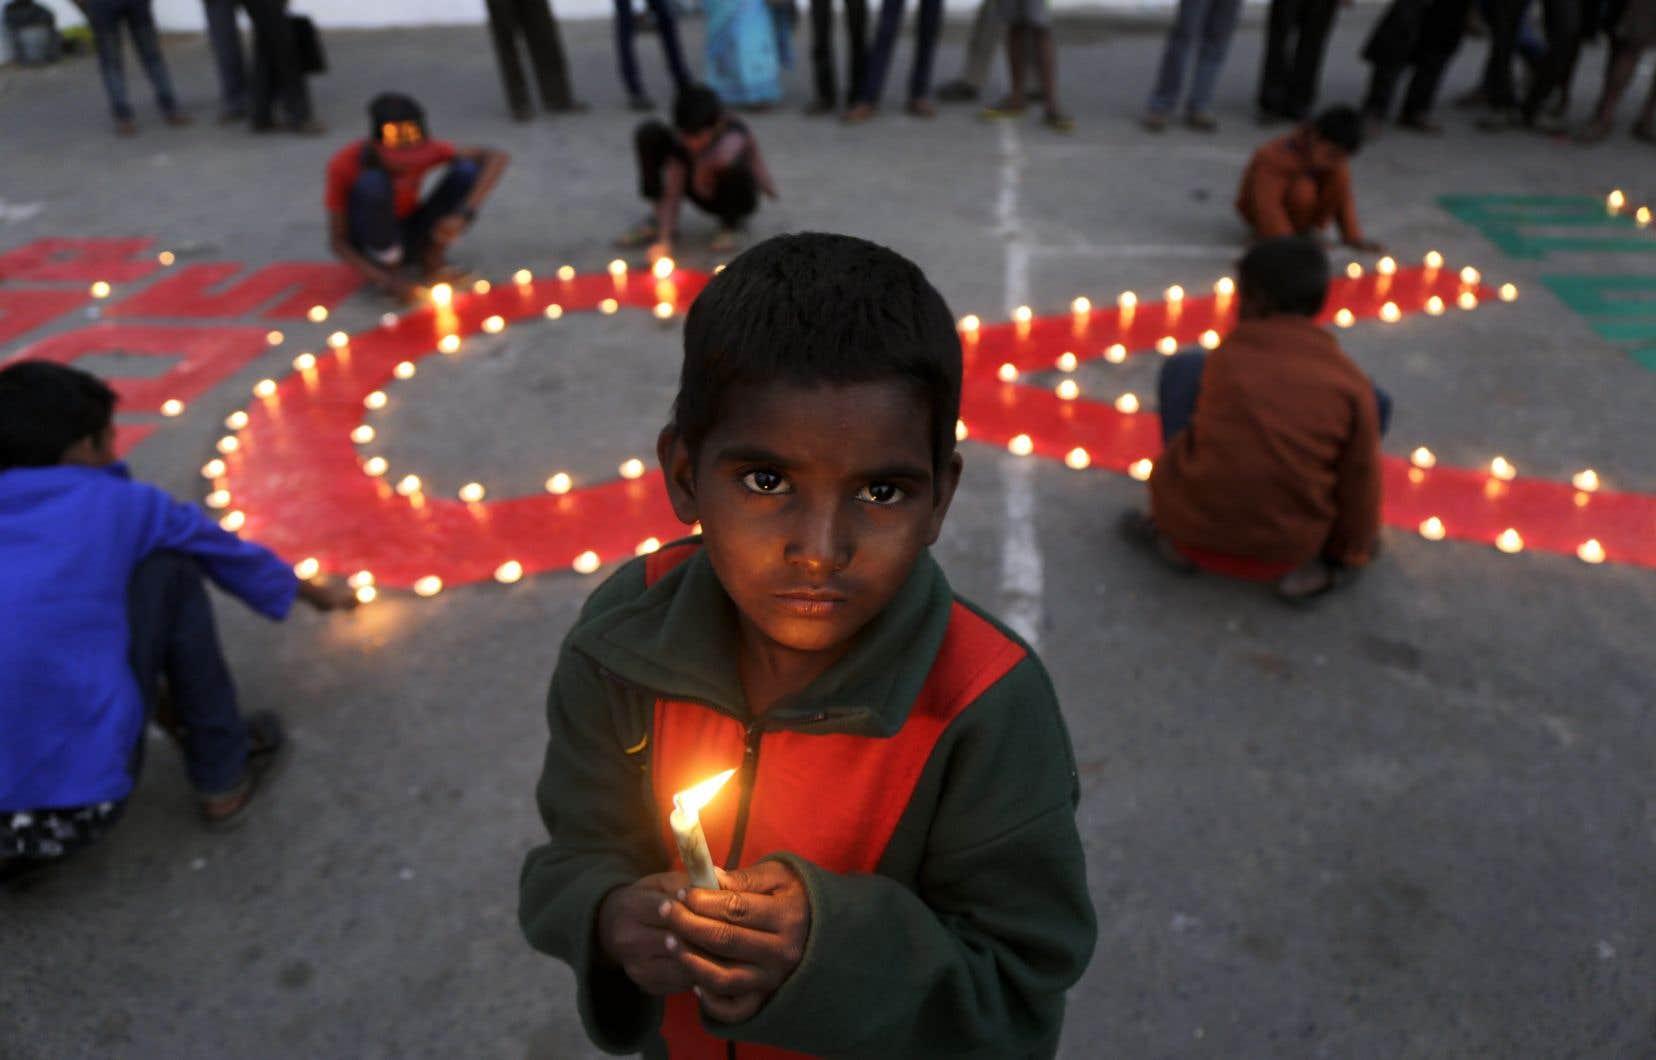 À l'occasion de la Journée mondiale du sida, un petit garçon indien tient une chandelle allumée en signe de soutien aux victimes du sida.